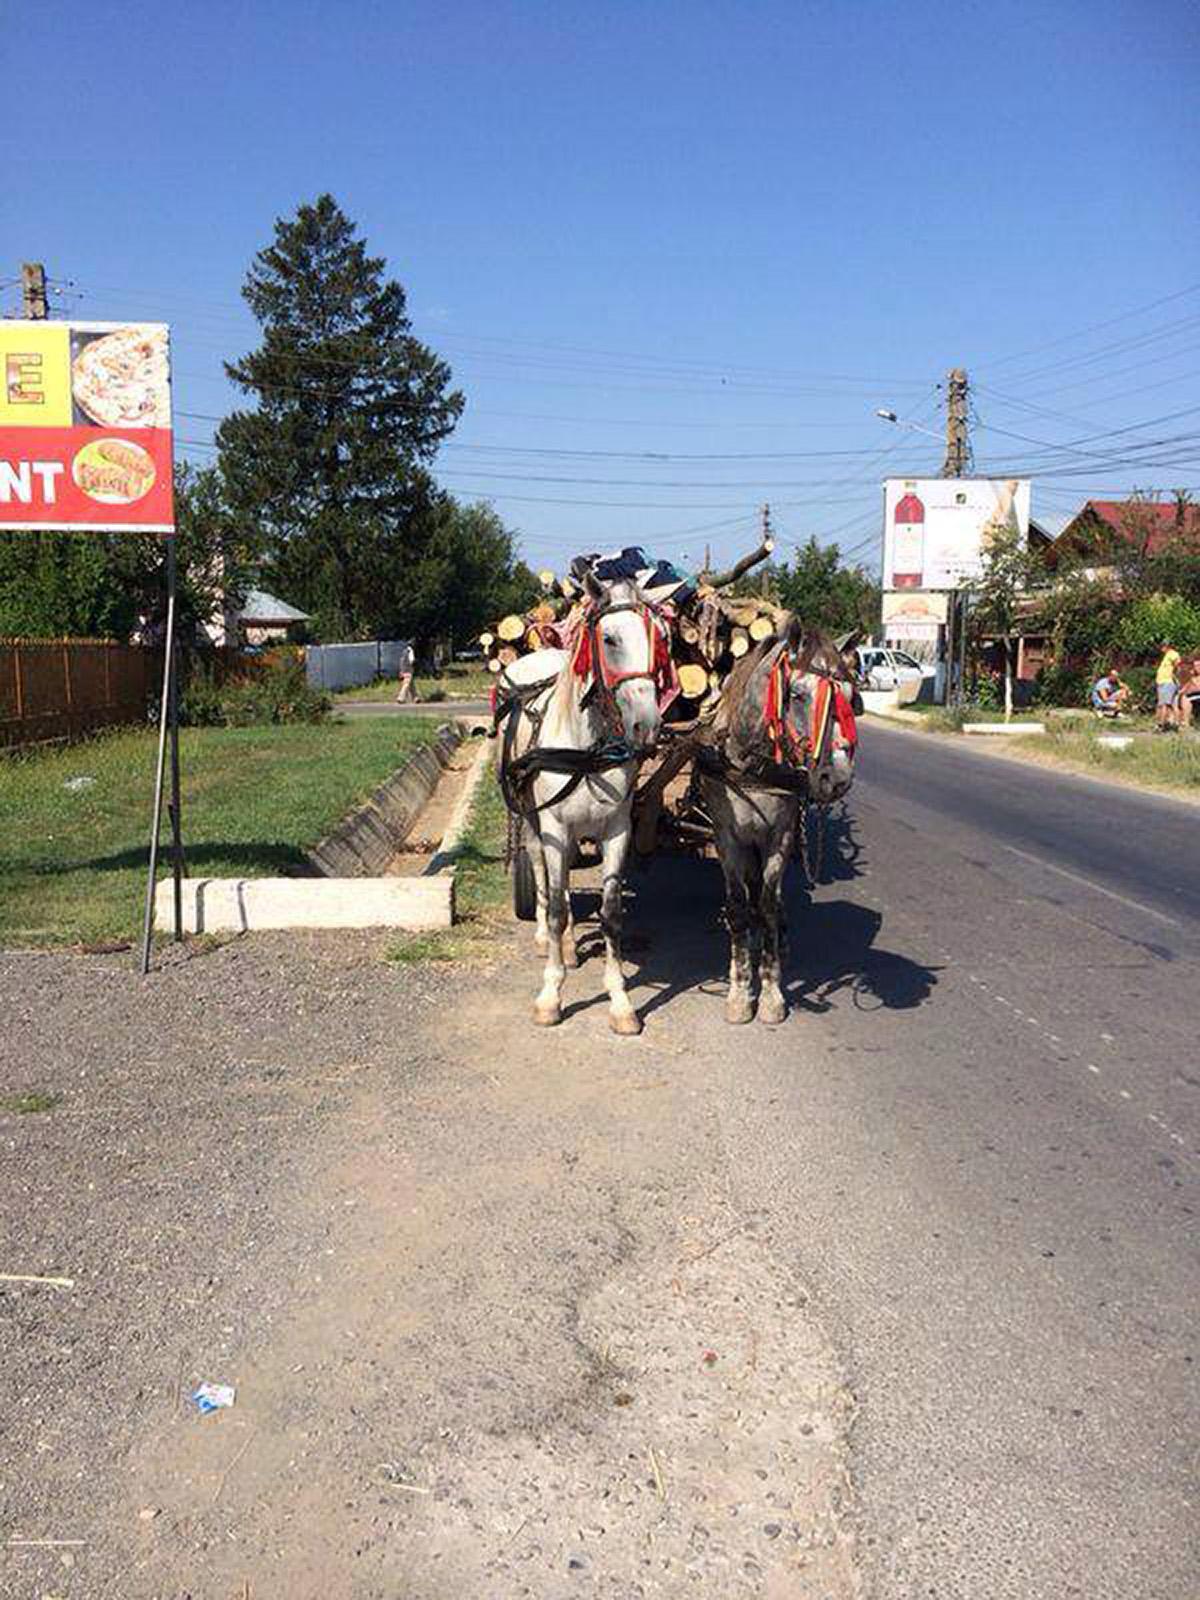 the latest f0da7 f9230 Guten Morgen, Um unsere restlichen Flyer noch verteilen zu können, machte  unser Roma Freund Georg noch eine Tour in Bukarest mit uns, bevor wir nach  Hauser ...